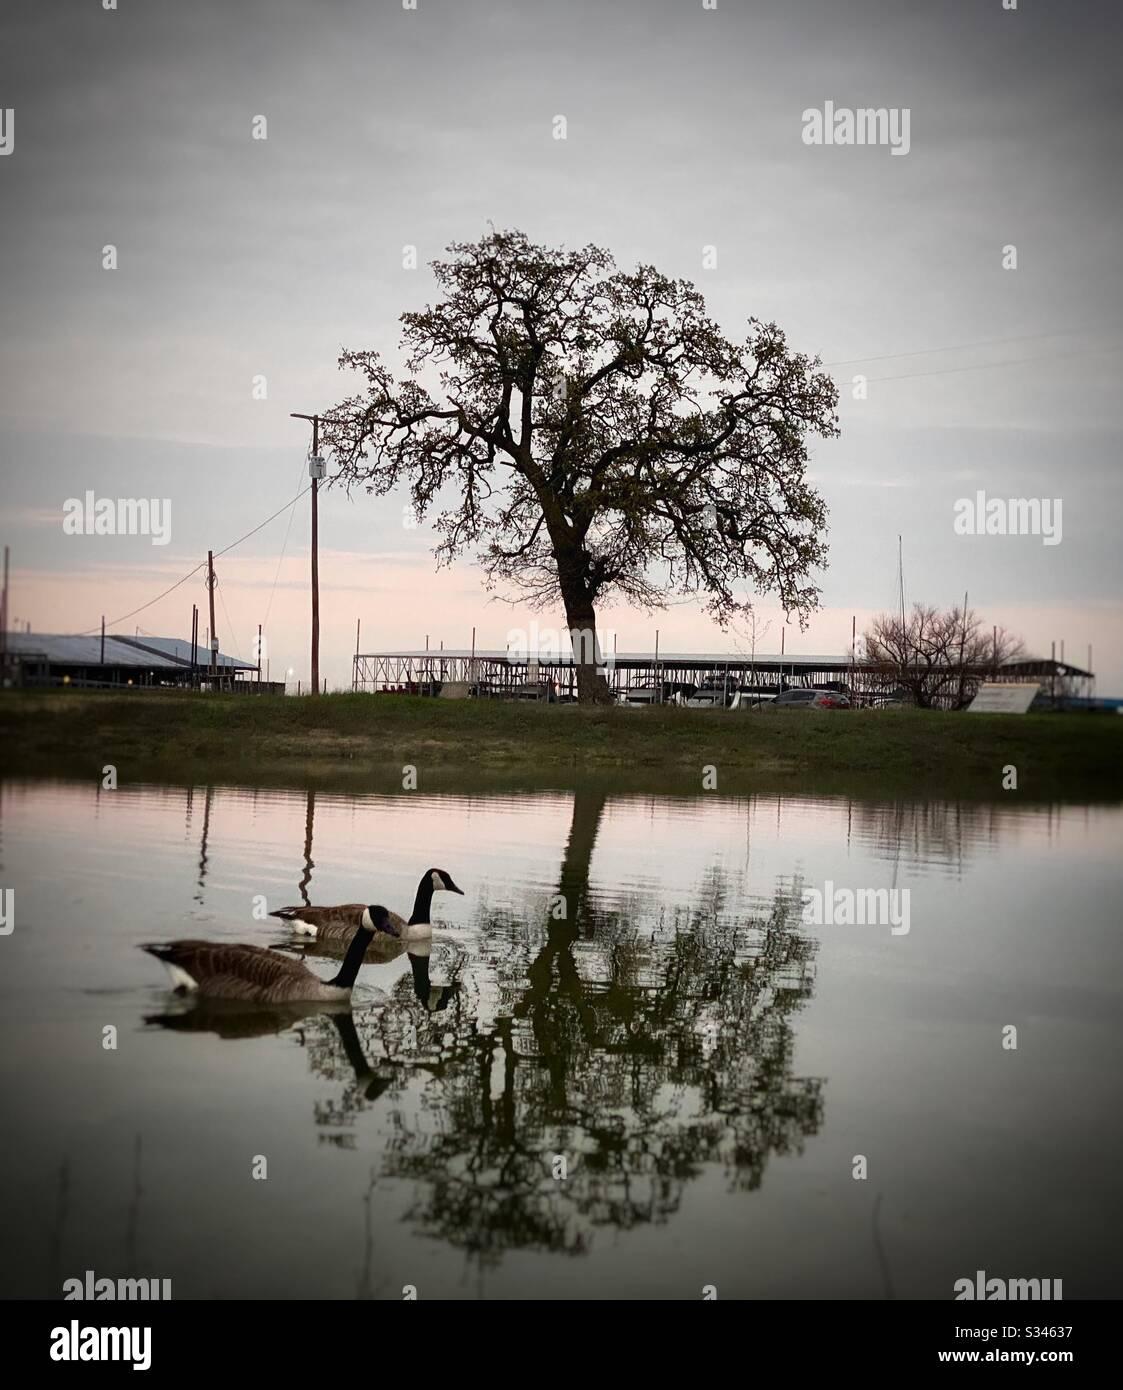 Deux belles oies qui nagent au bord du lac au coucher du soleil, parmi les superbes arbres qui reflètent dans l'eau à la marina locale. Banque D'Images